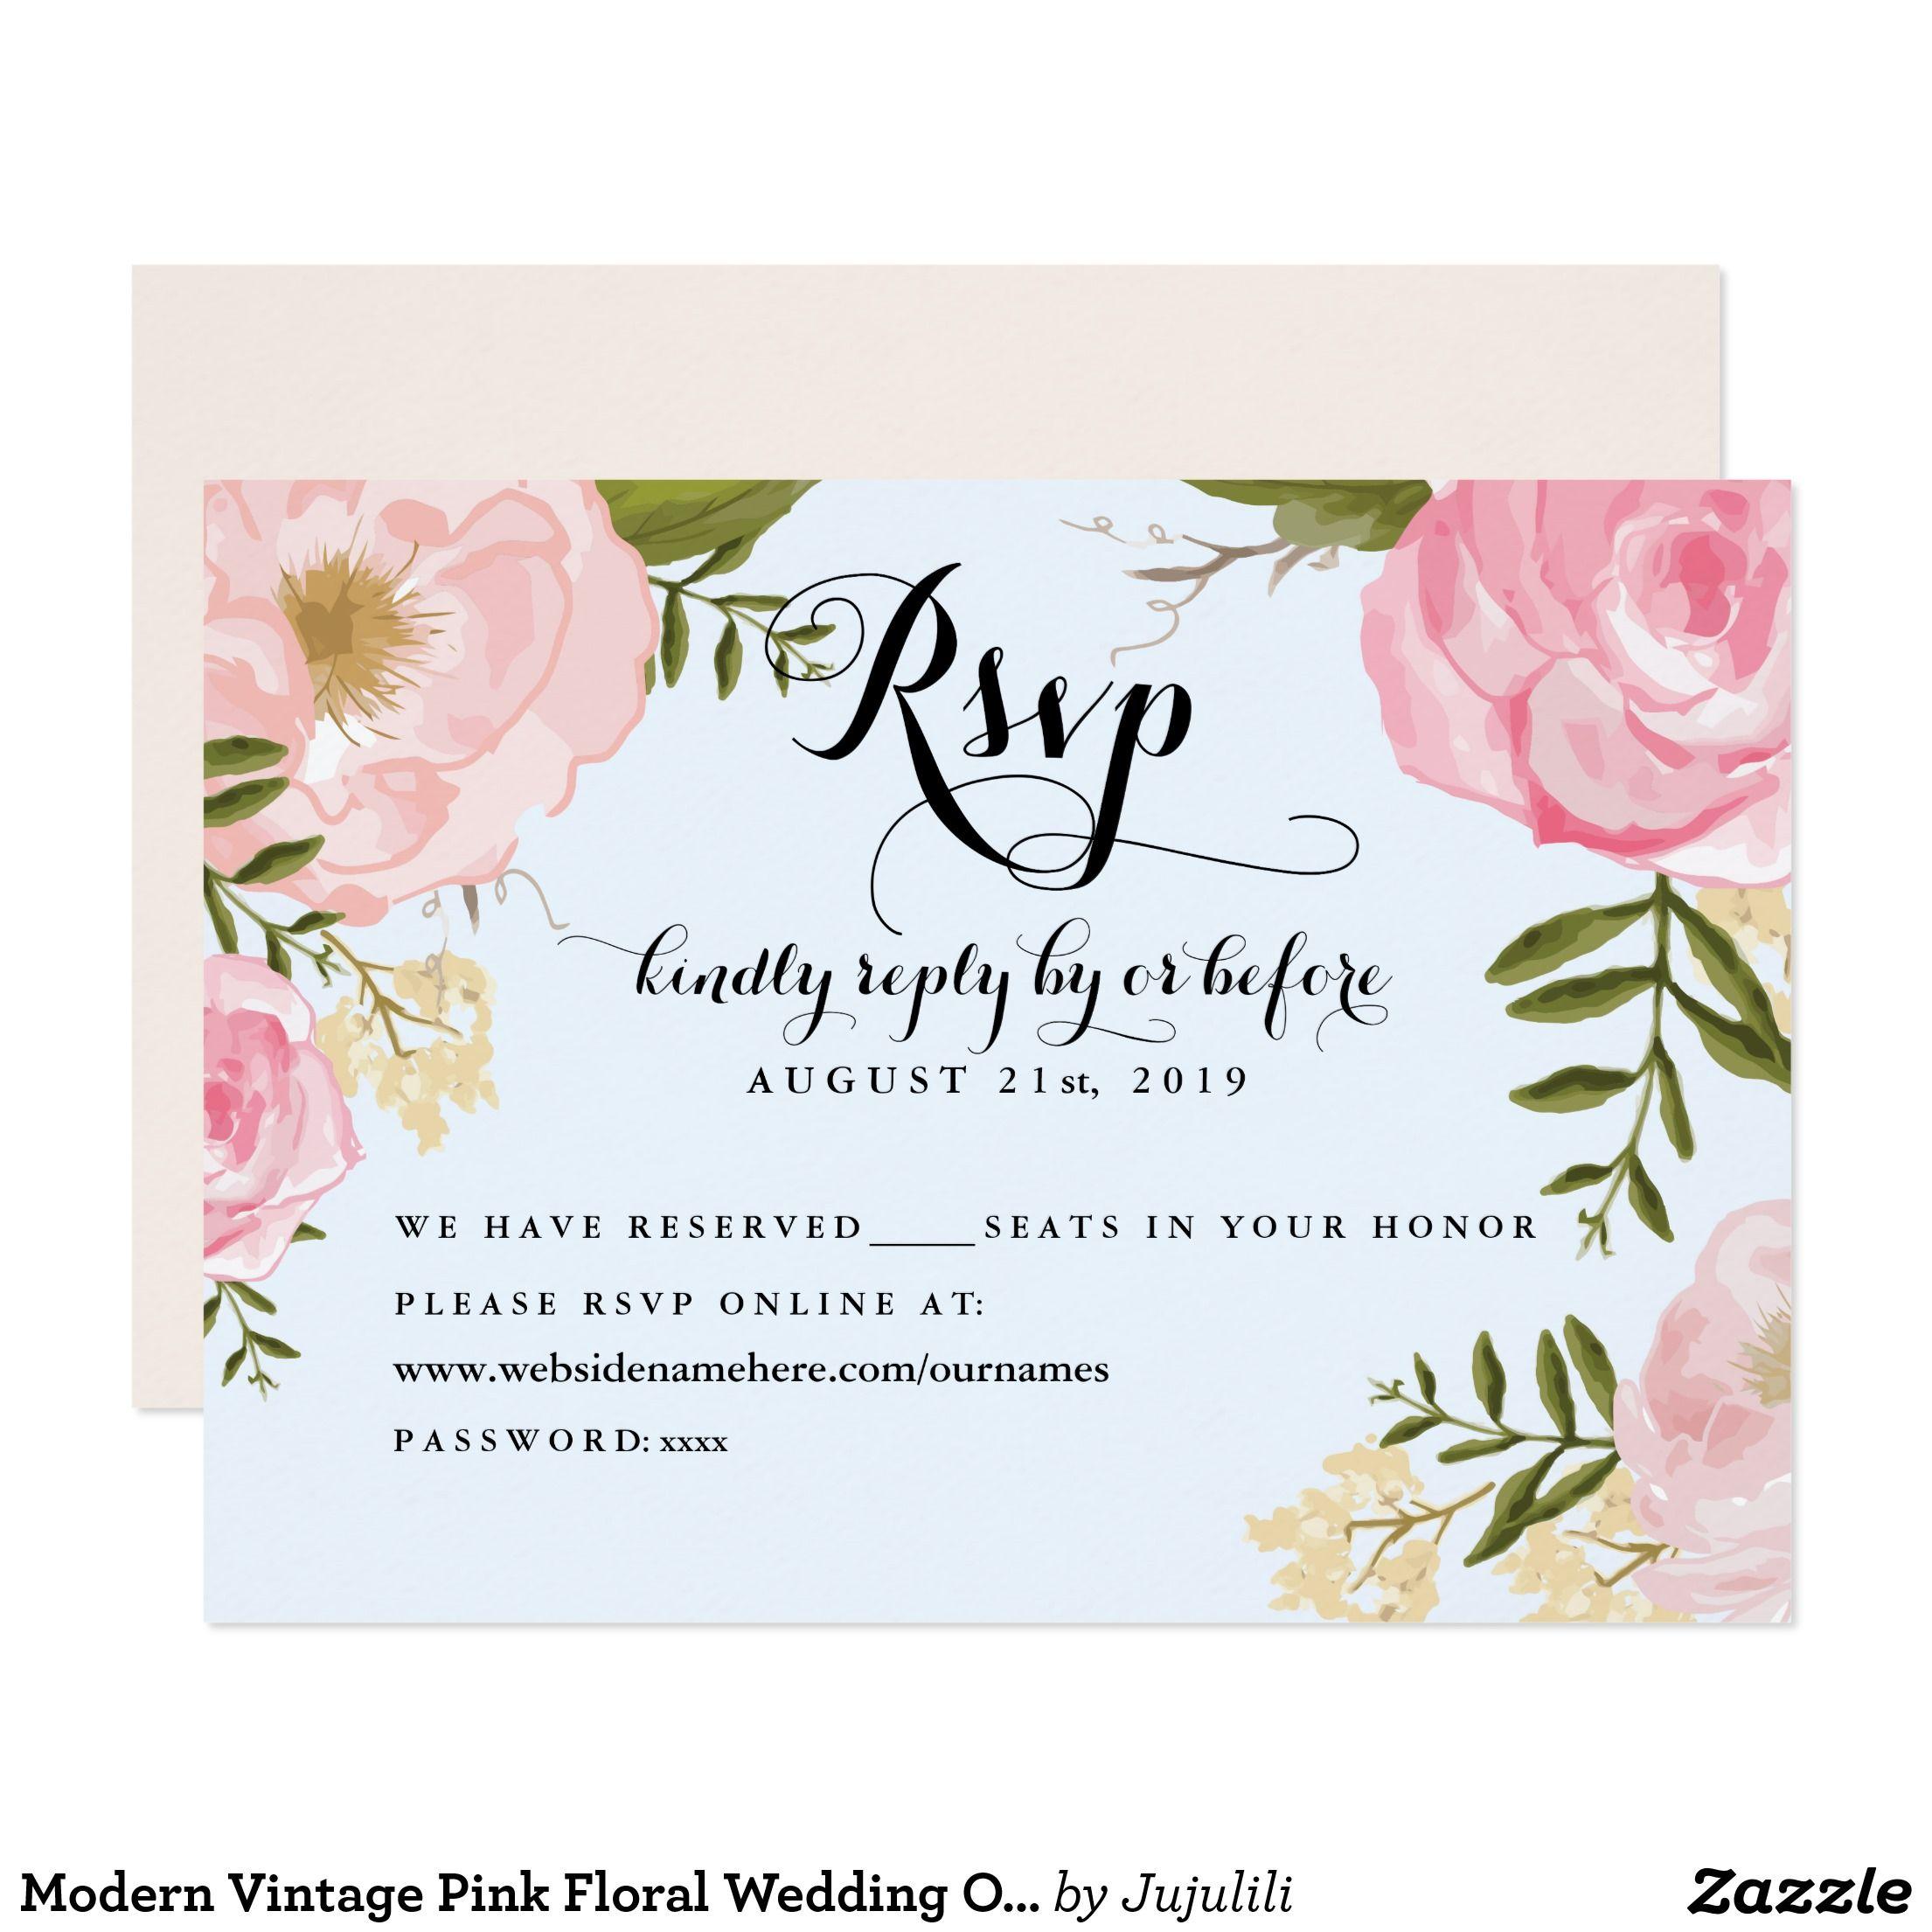 Online Wedding Invitation Websites: Modern Vintage Pink Floral Wedding Online RSVP